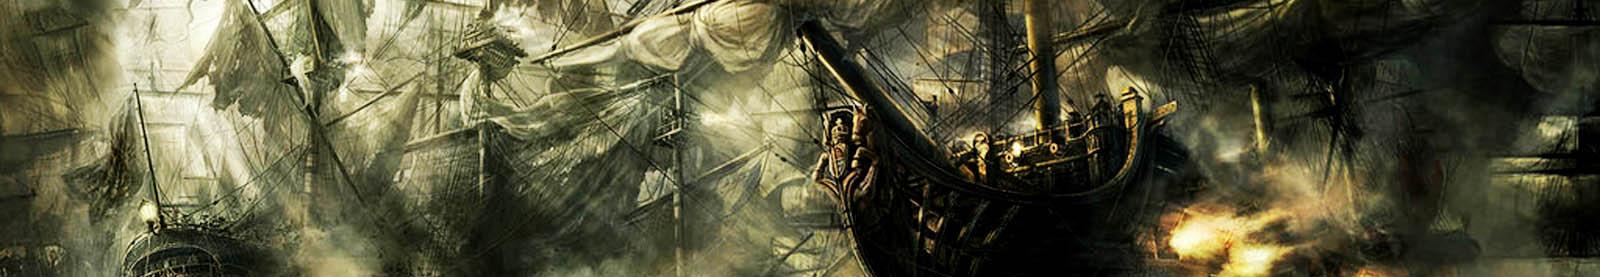 pirateshipwallpa.png